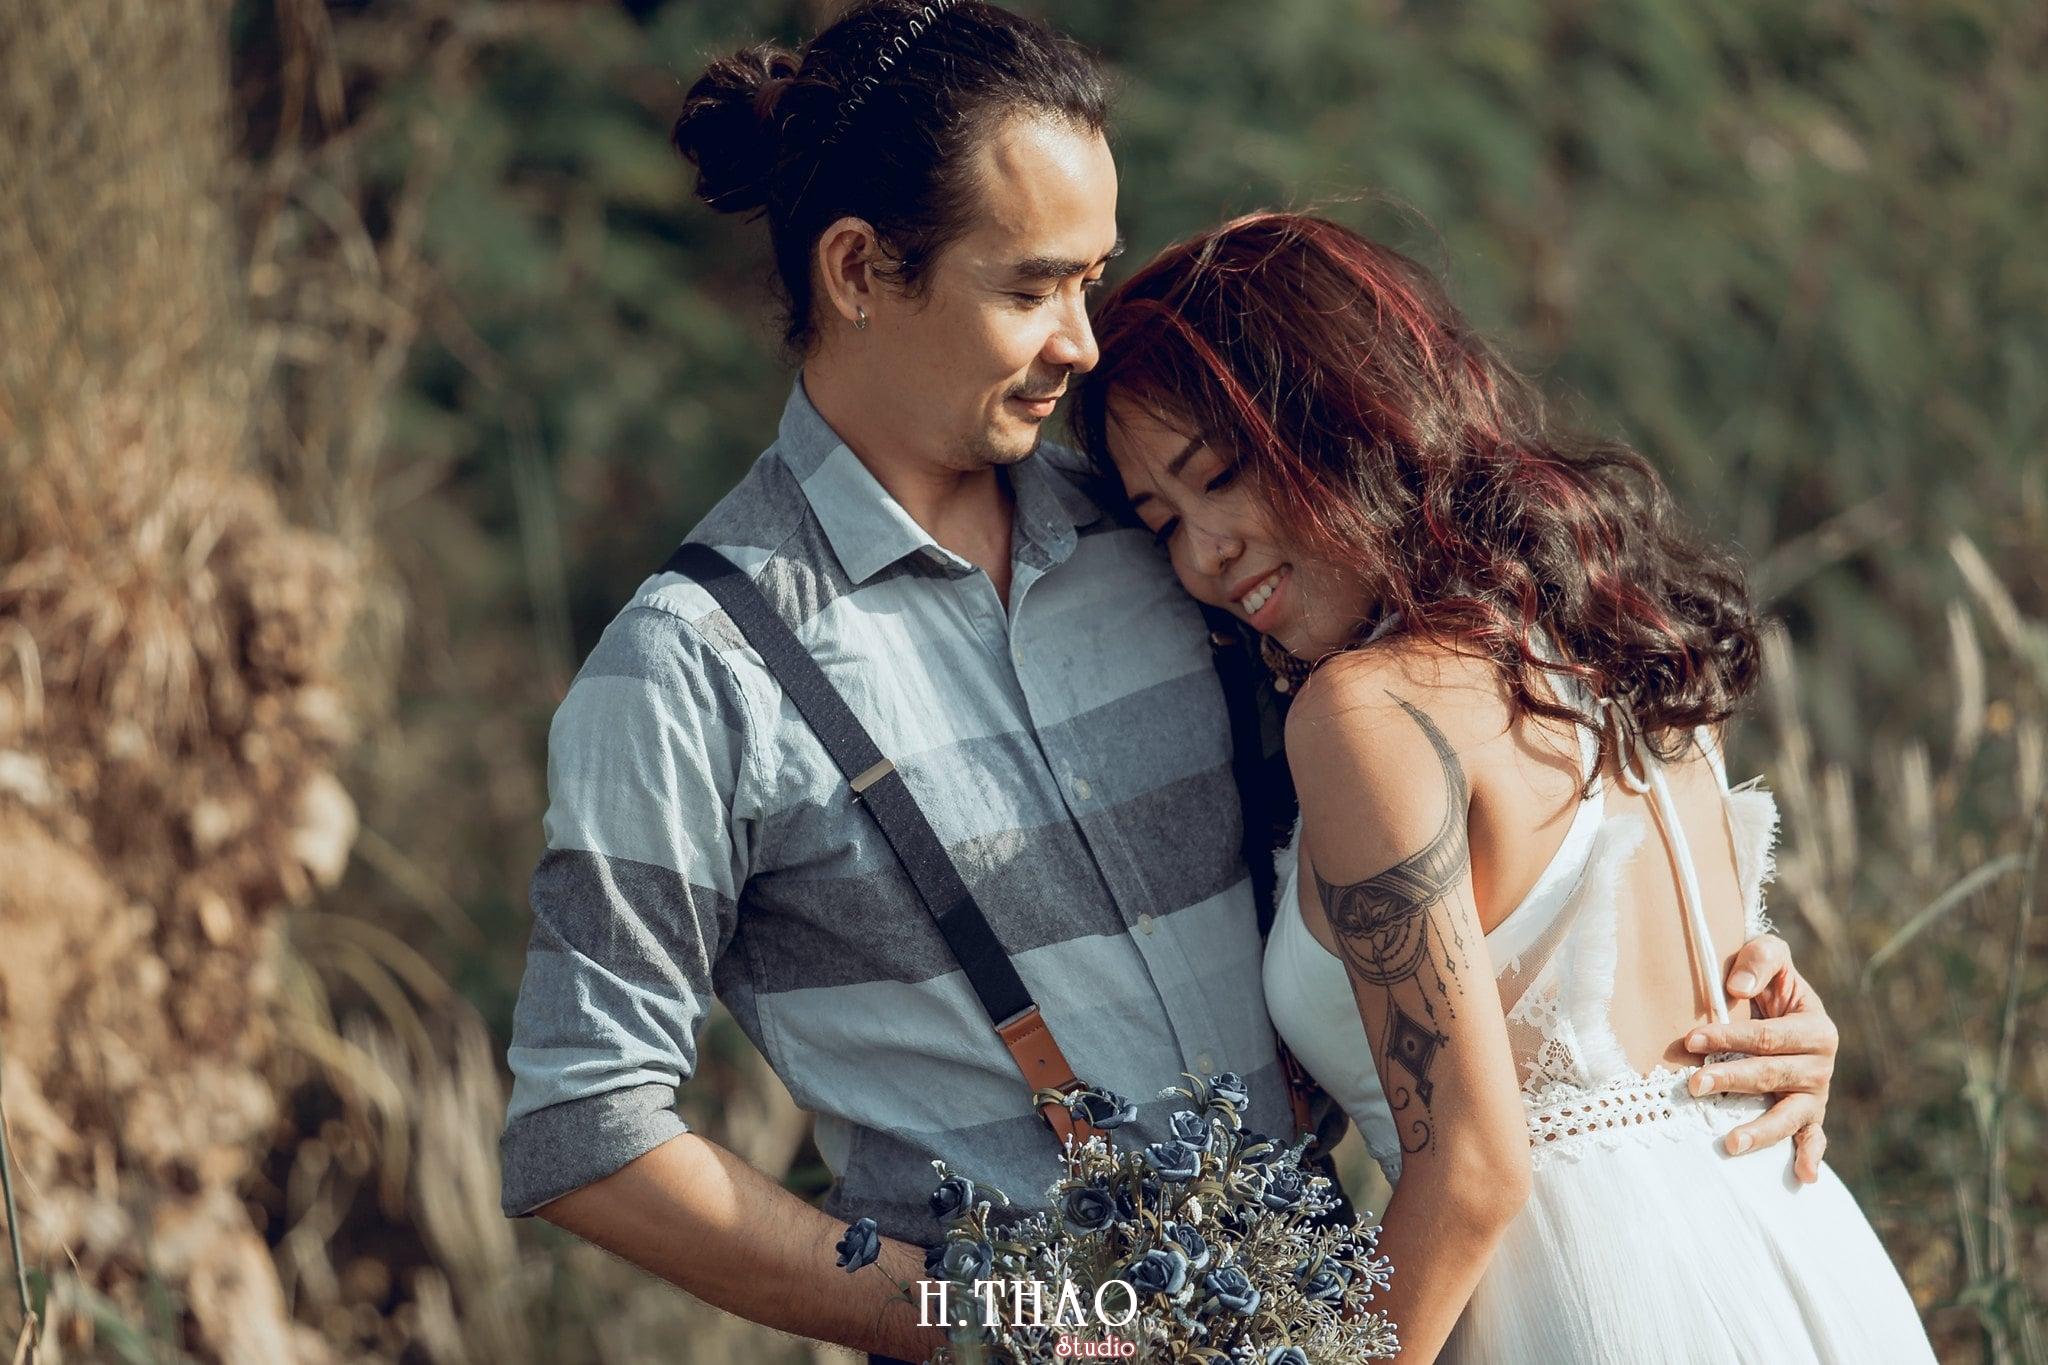 trung zen 12 - Album ảnh cưới chụp theo phong cách tây - HThao Studio